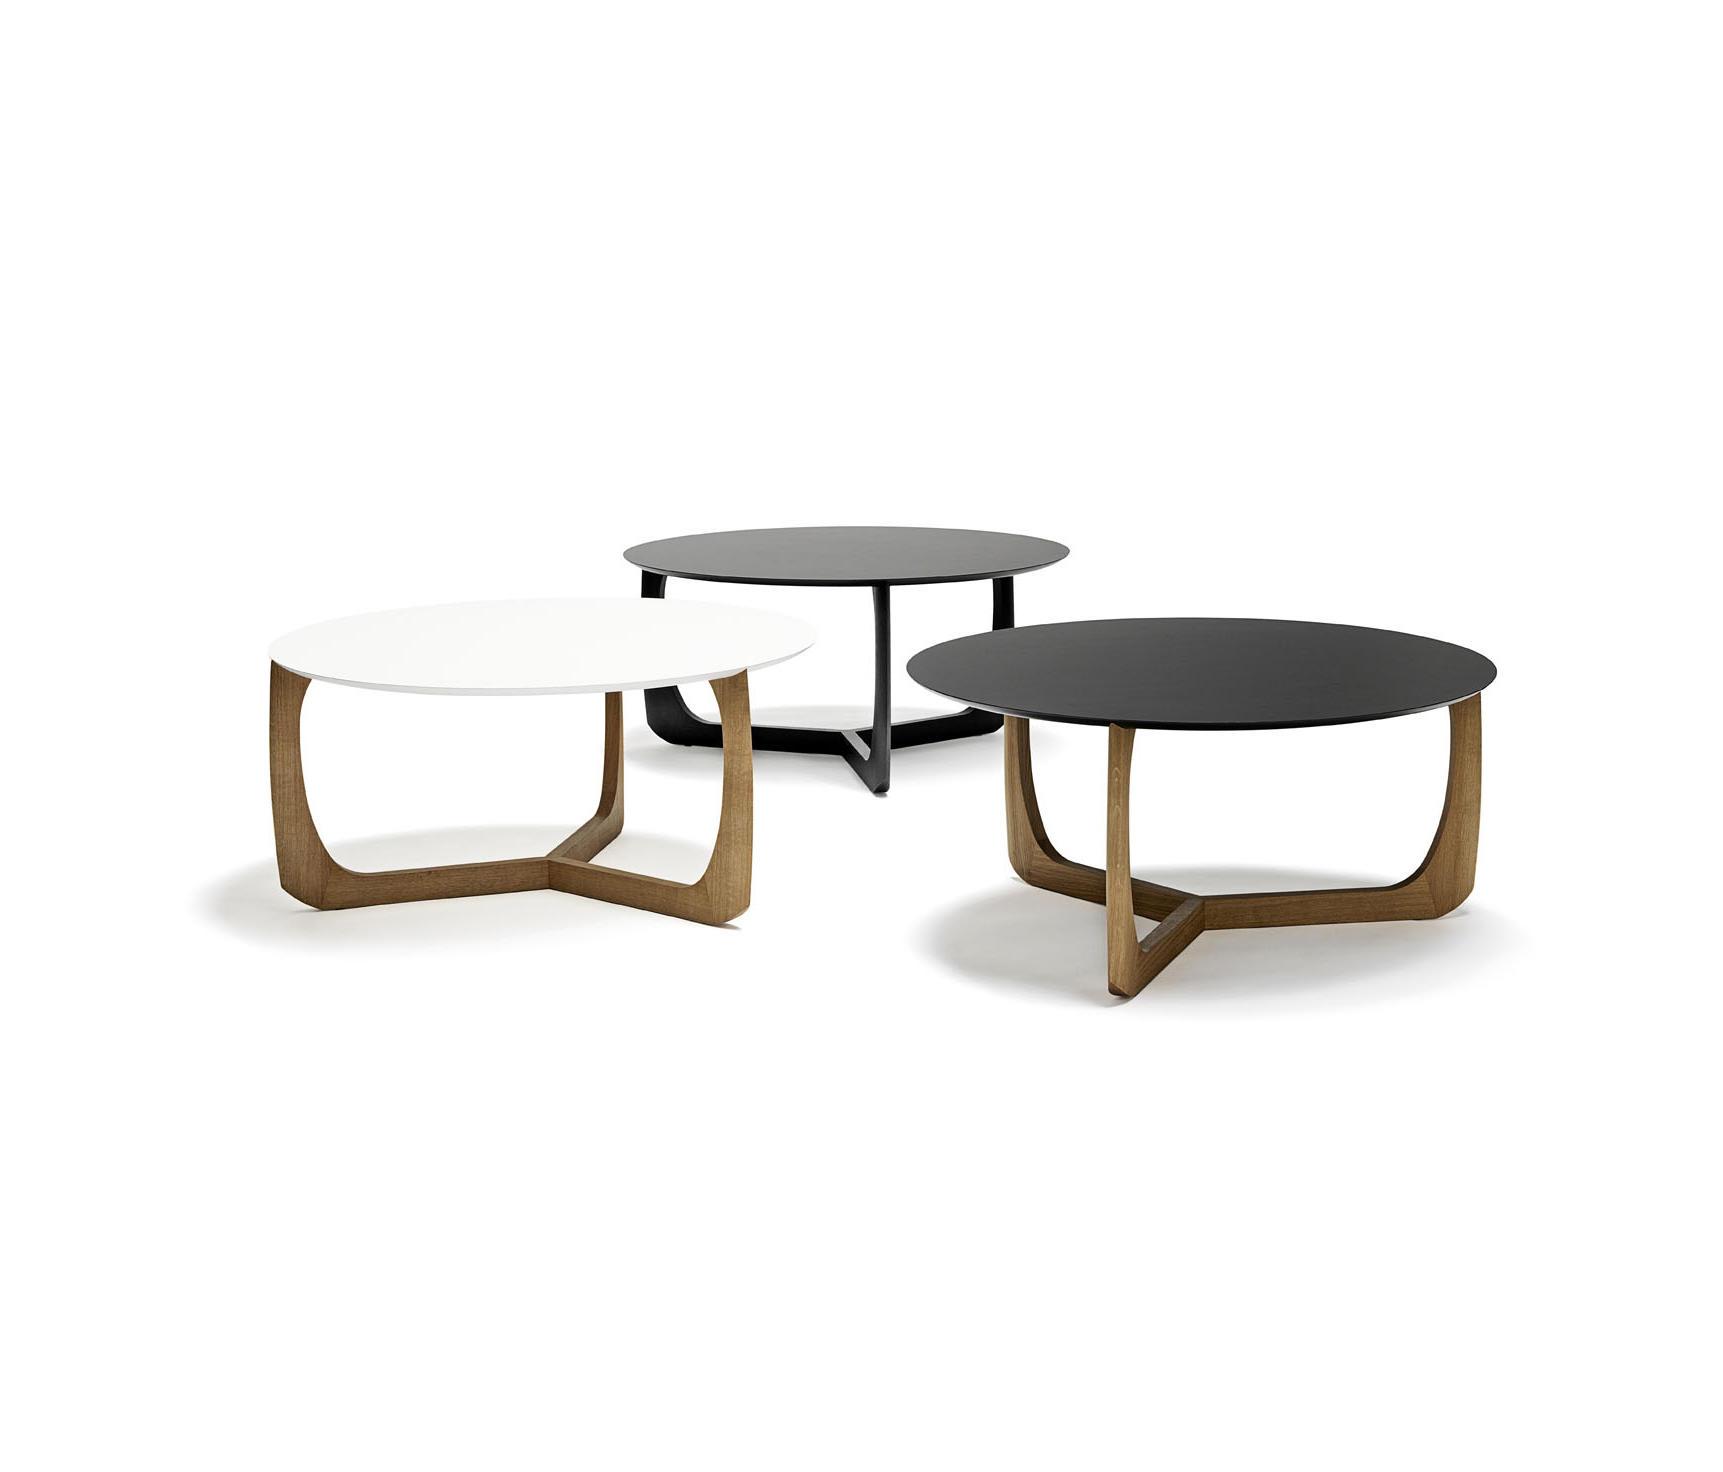 LILI Lounge tables from m¸bel copenhagen